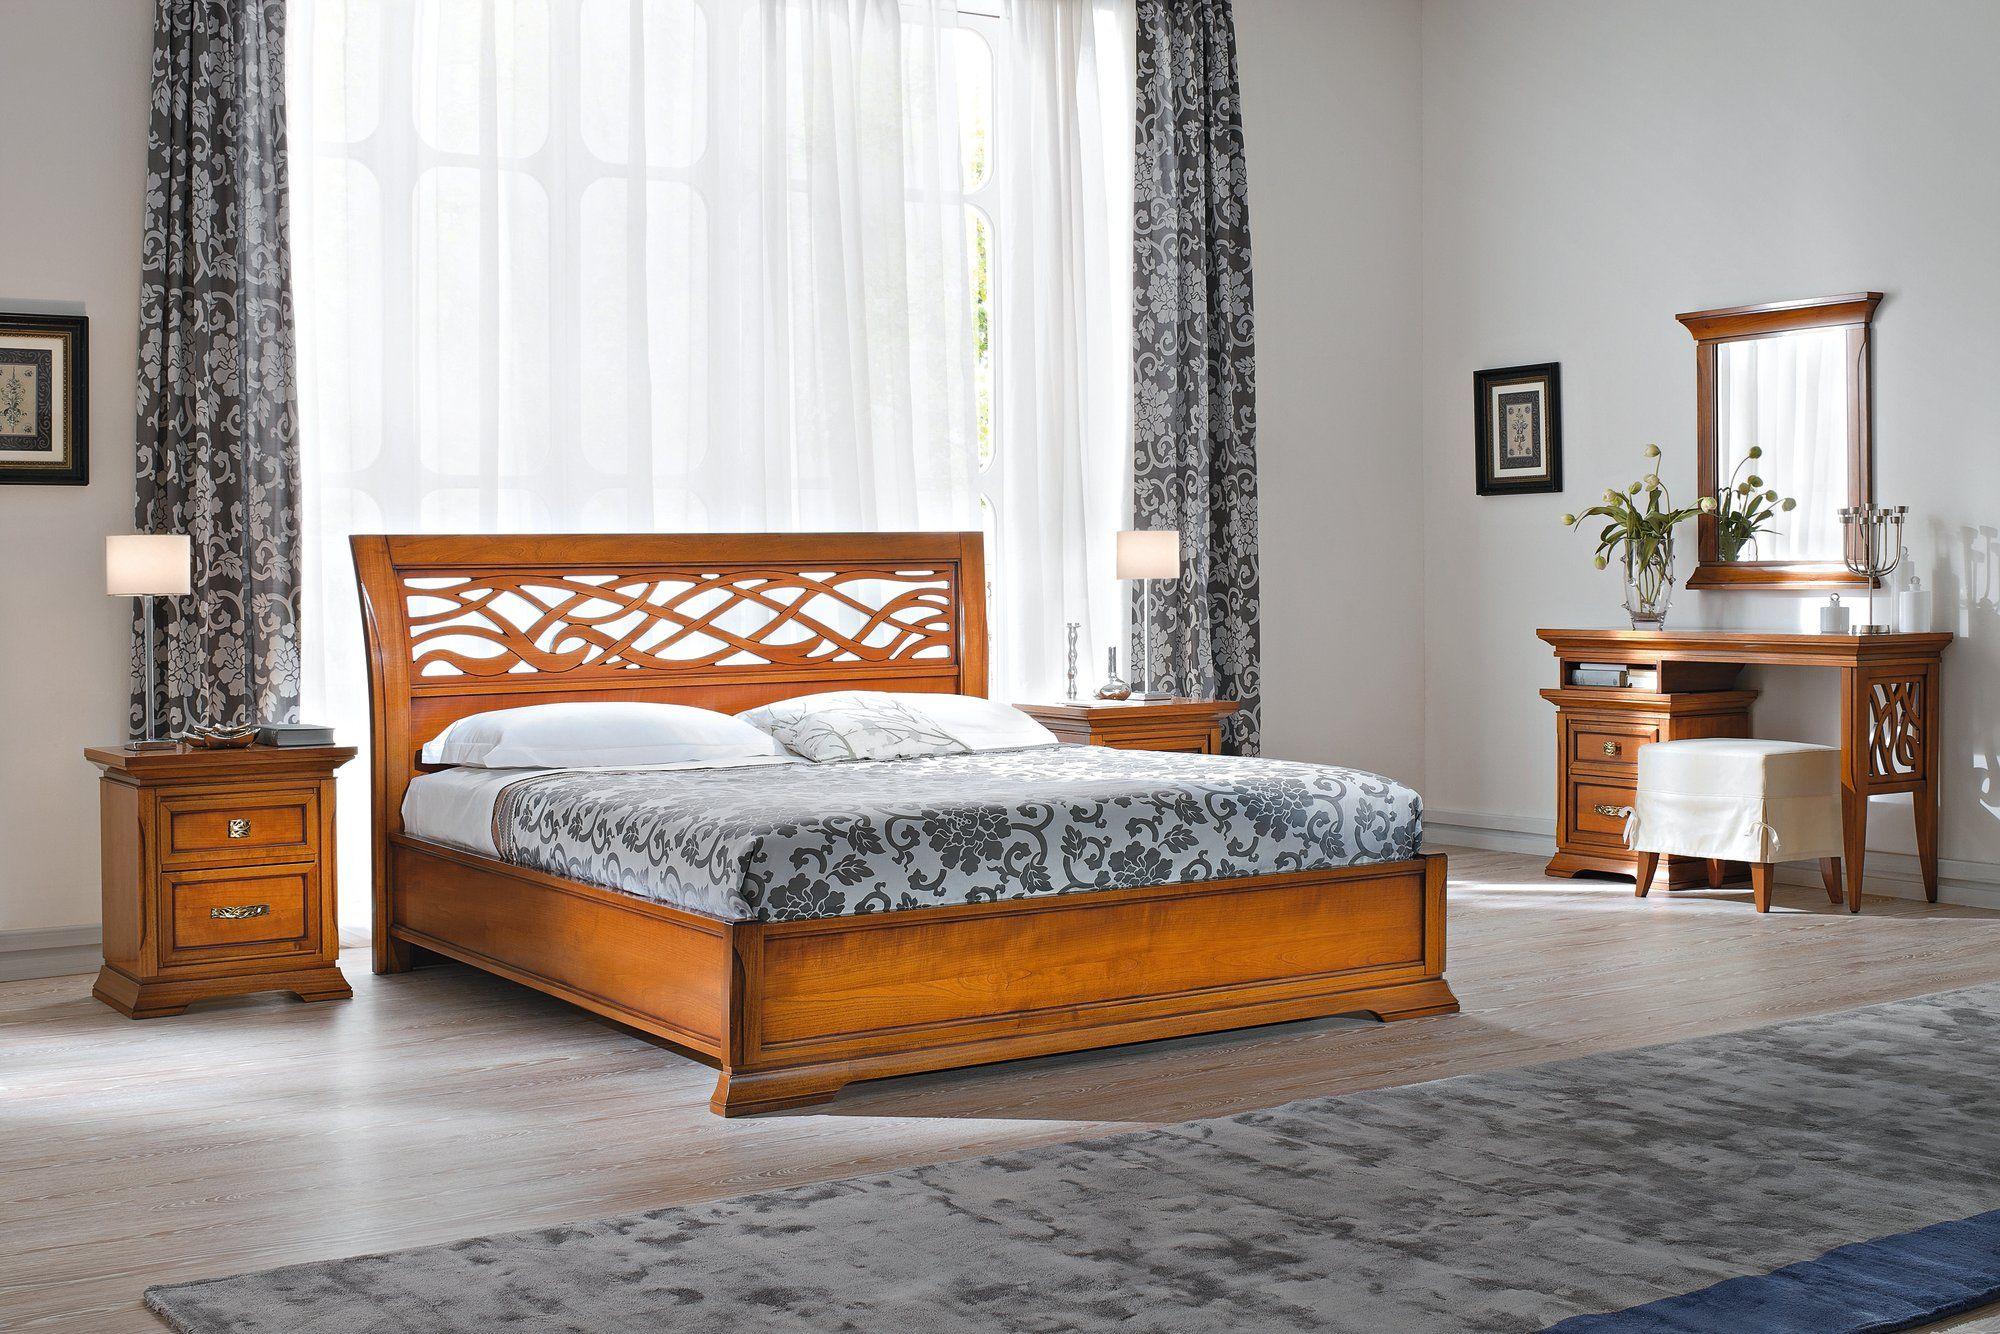 Bohemia letto contenitore by dall agnese design gianni - Letto in ciliegio ...